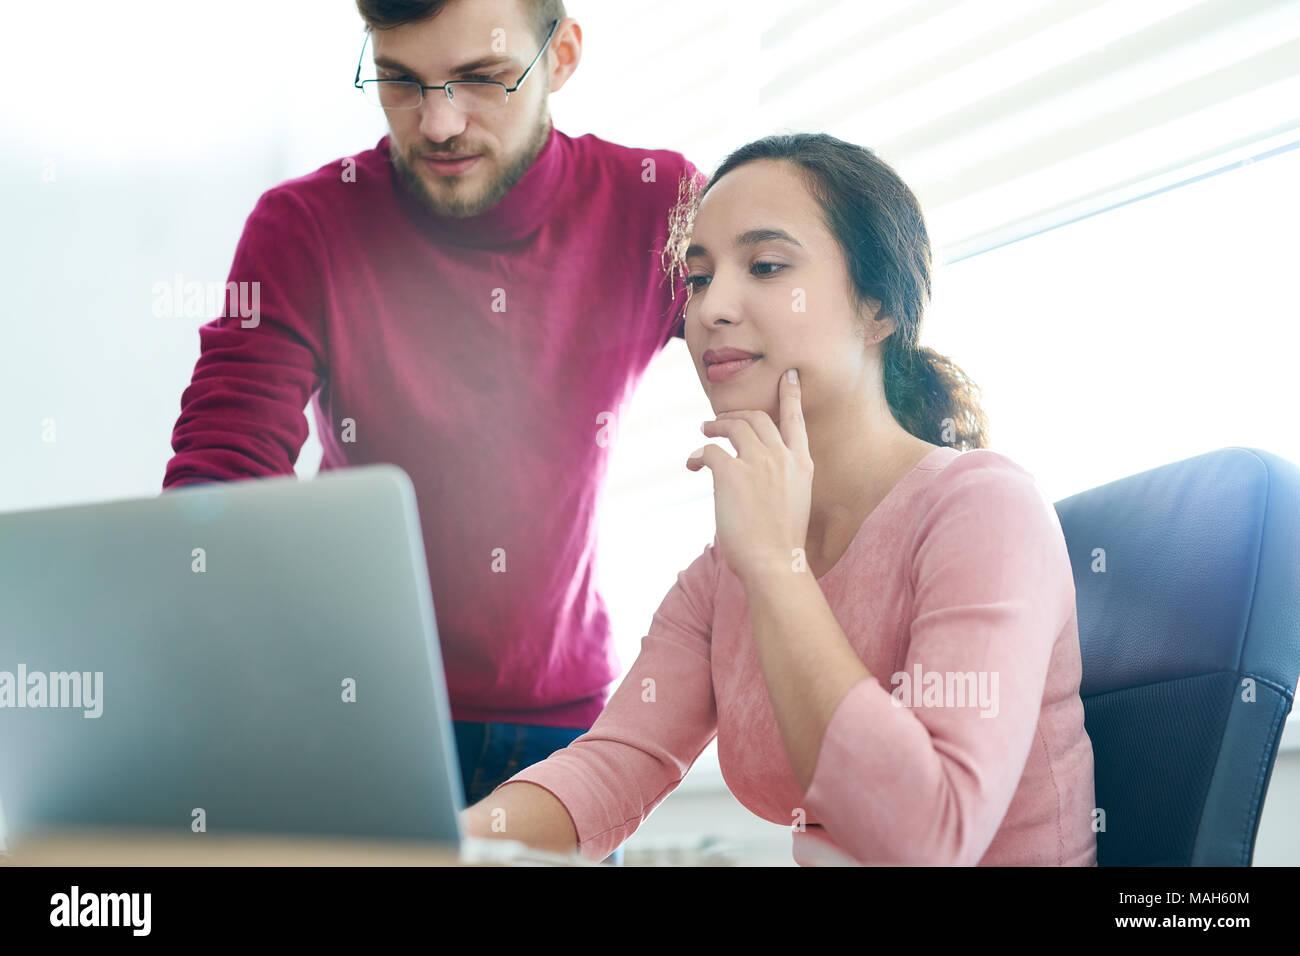 Malinconici dipendenti in sede di progetto di visualizzazione maquette su laptop Immagini Stock